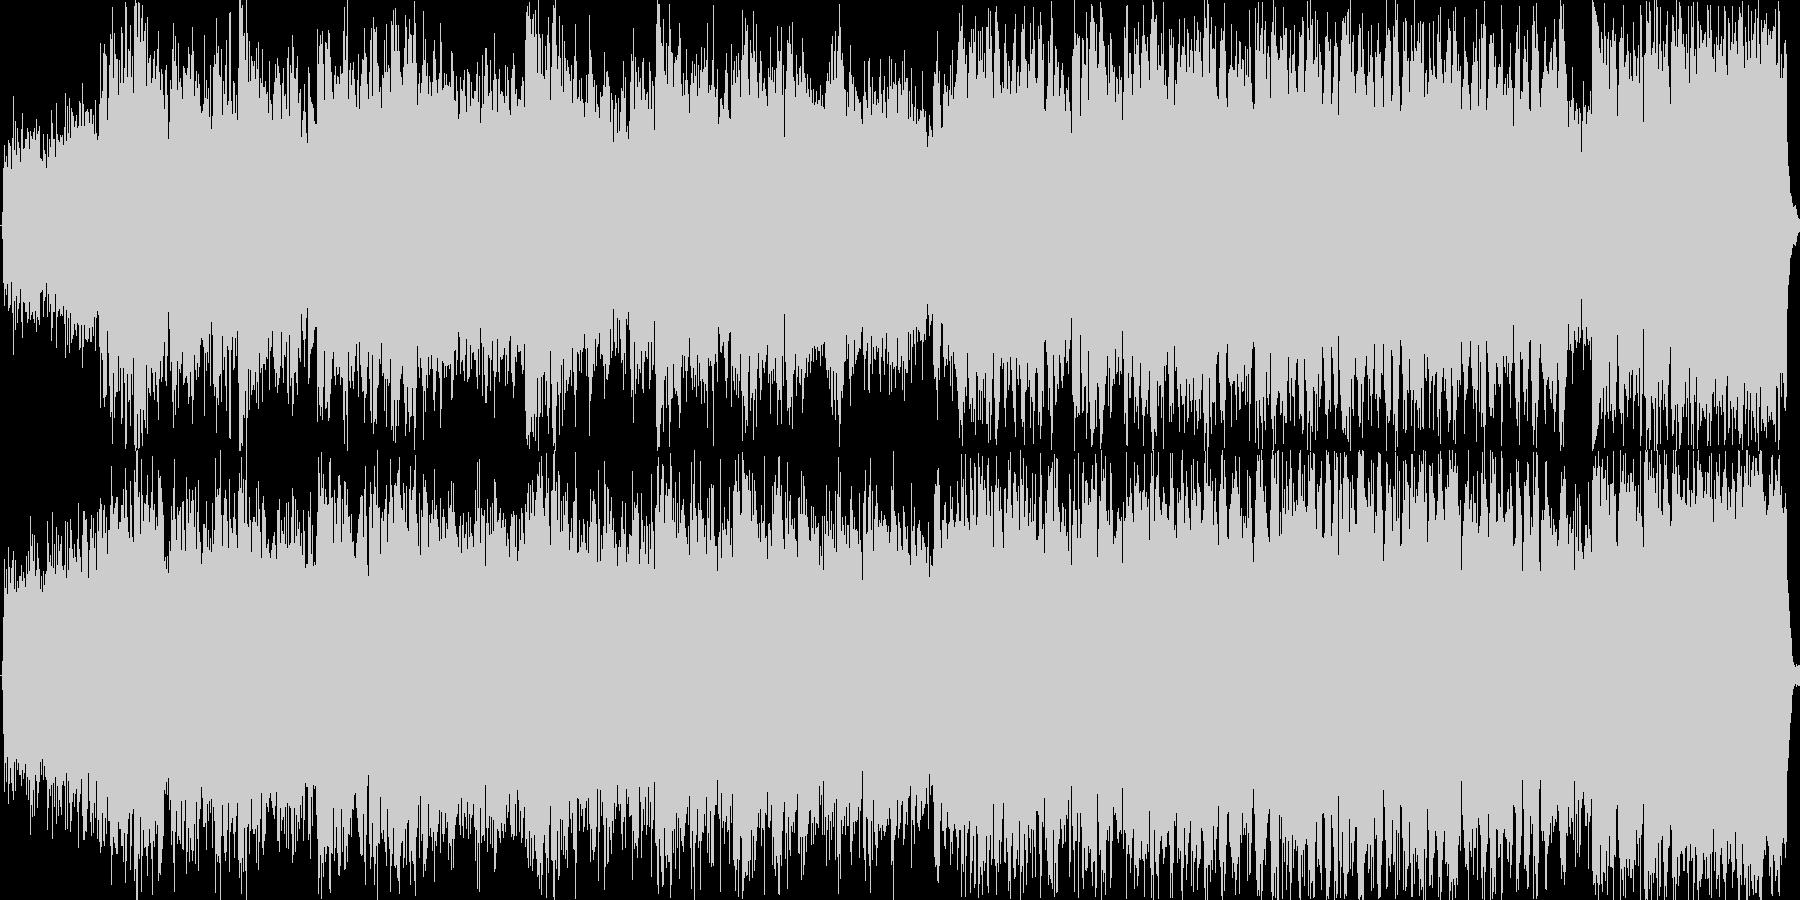 ミステリアスで神秘的な短調の曲です。の未再生の波形